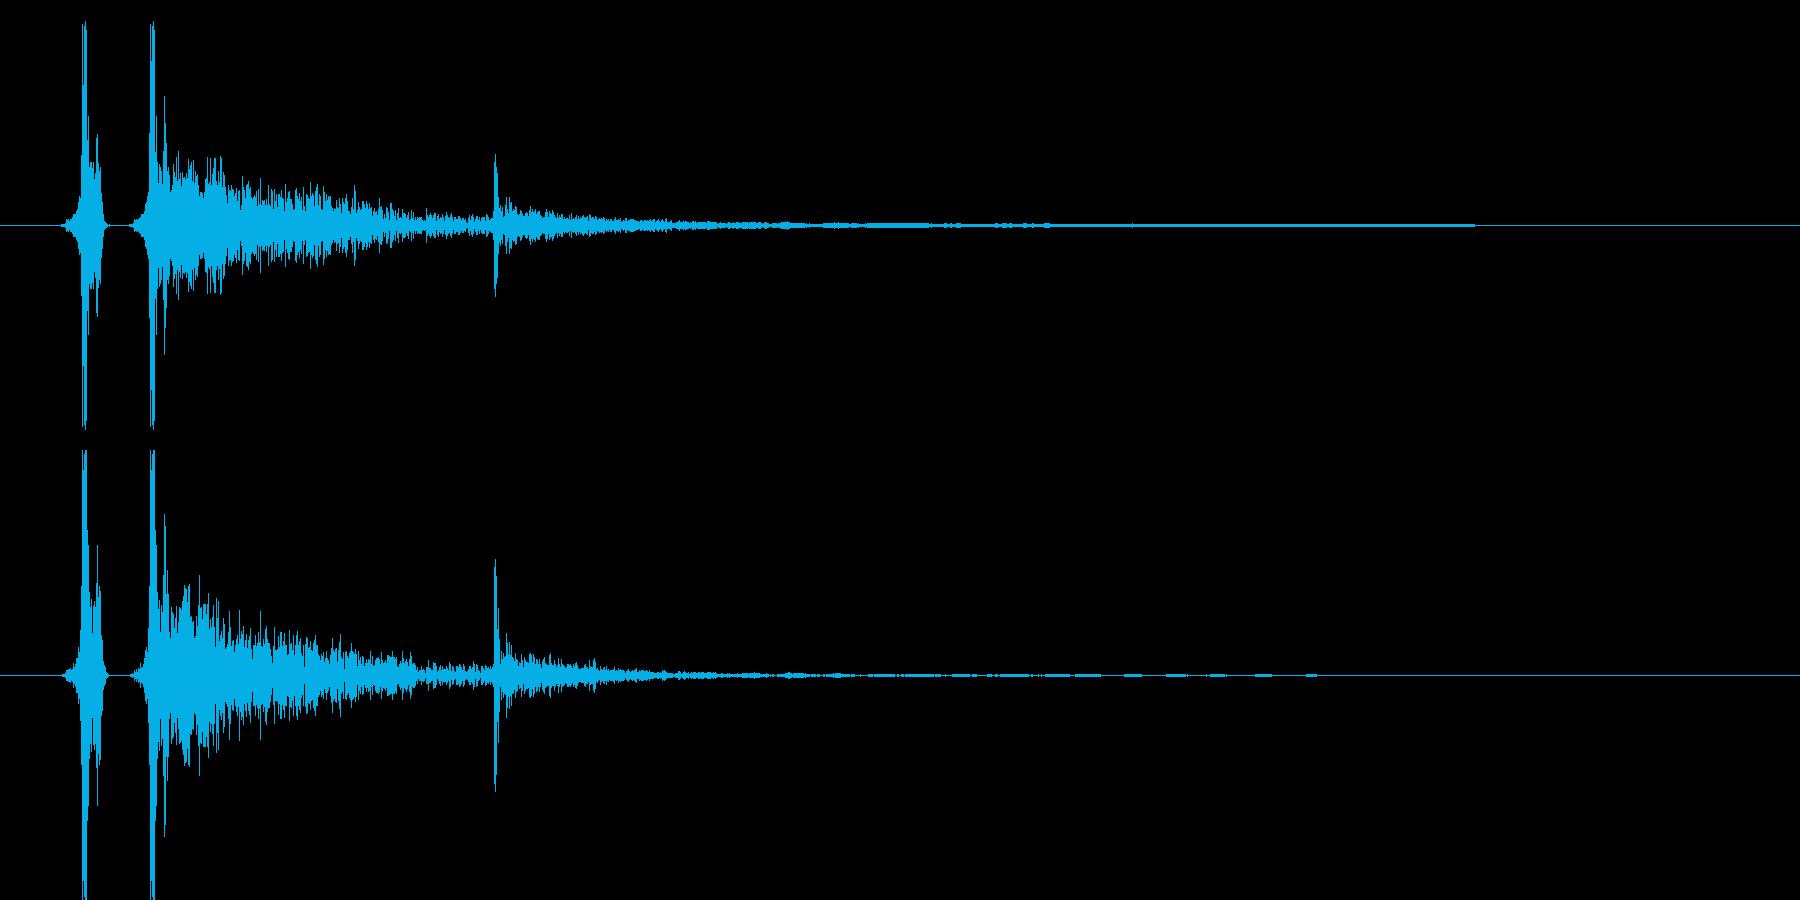 卓球/ピンポン/スマッシュ01の再生済みの波形